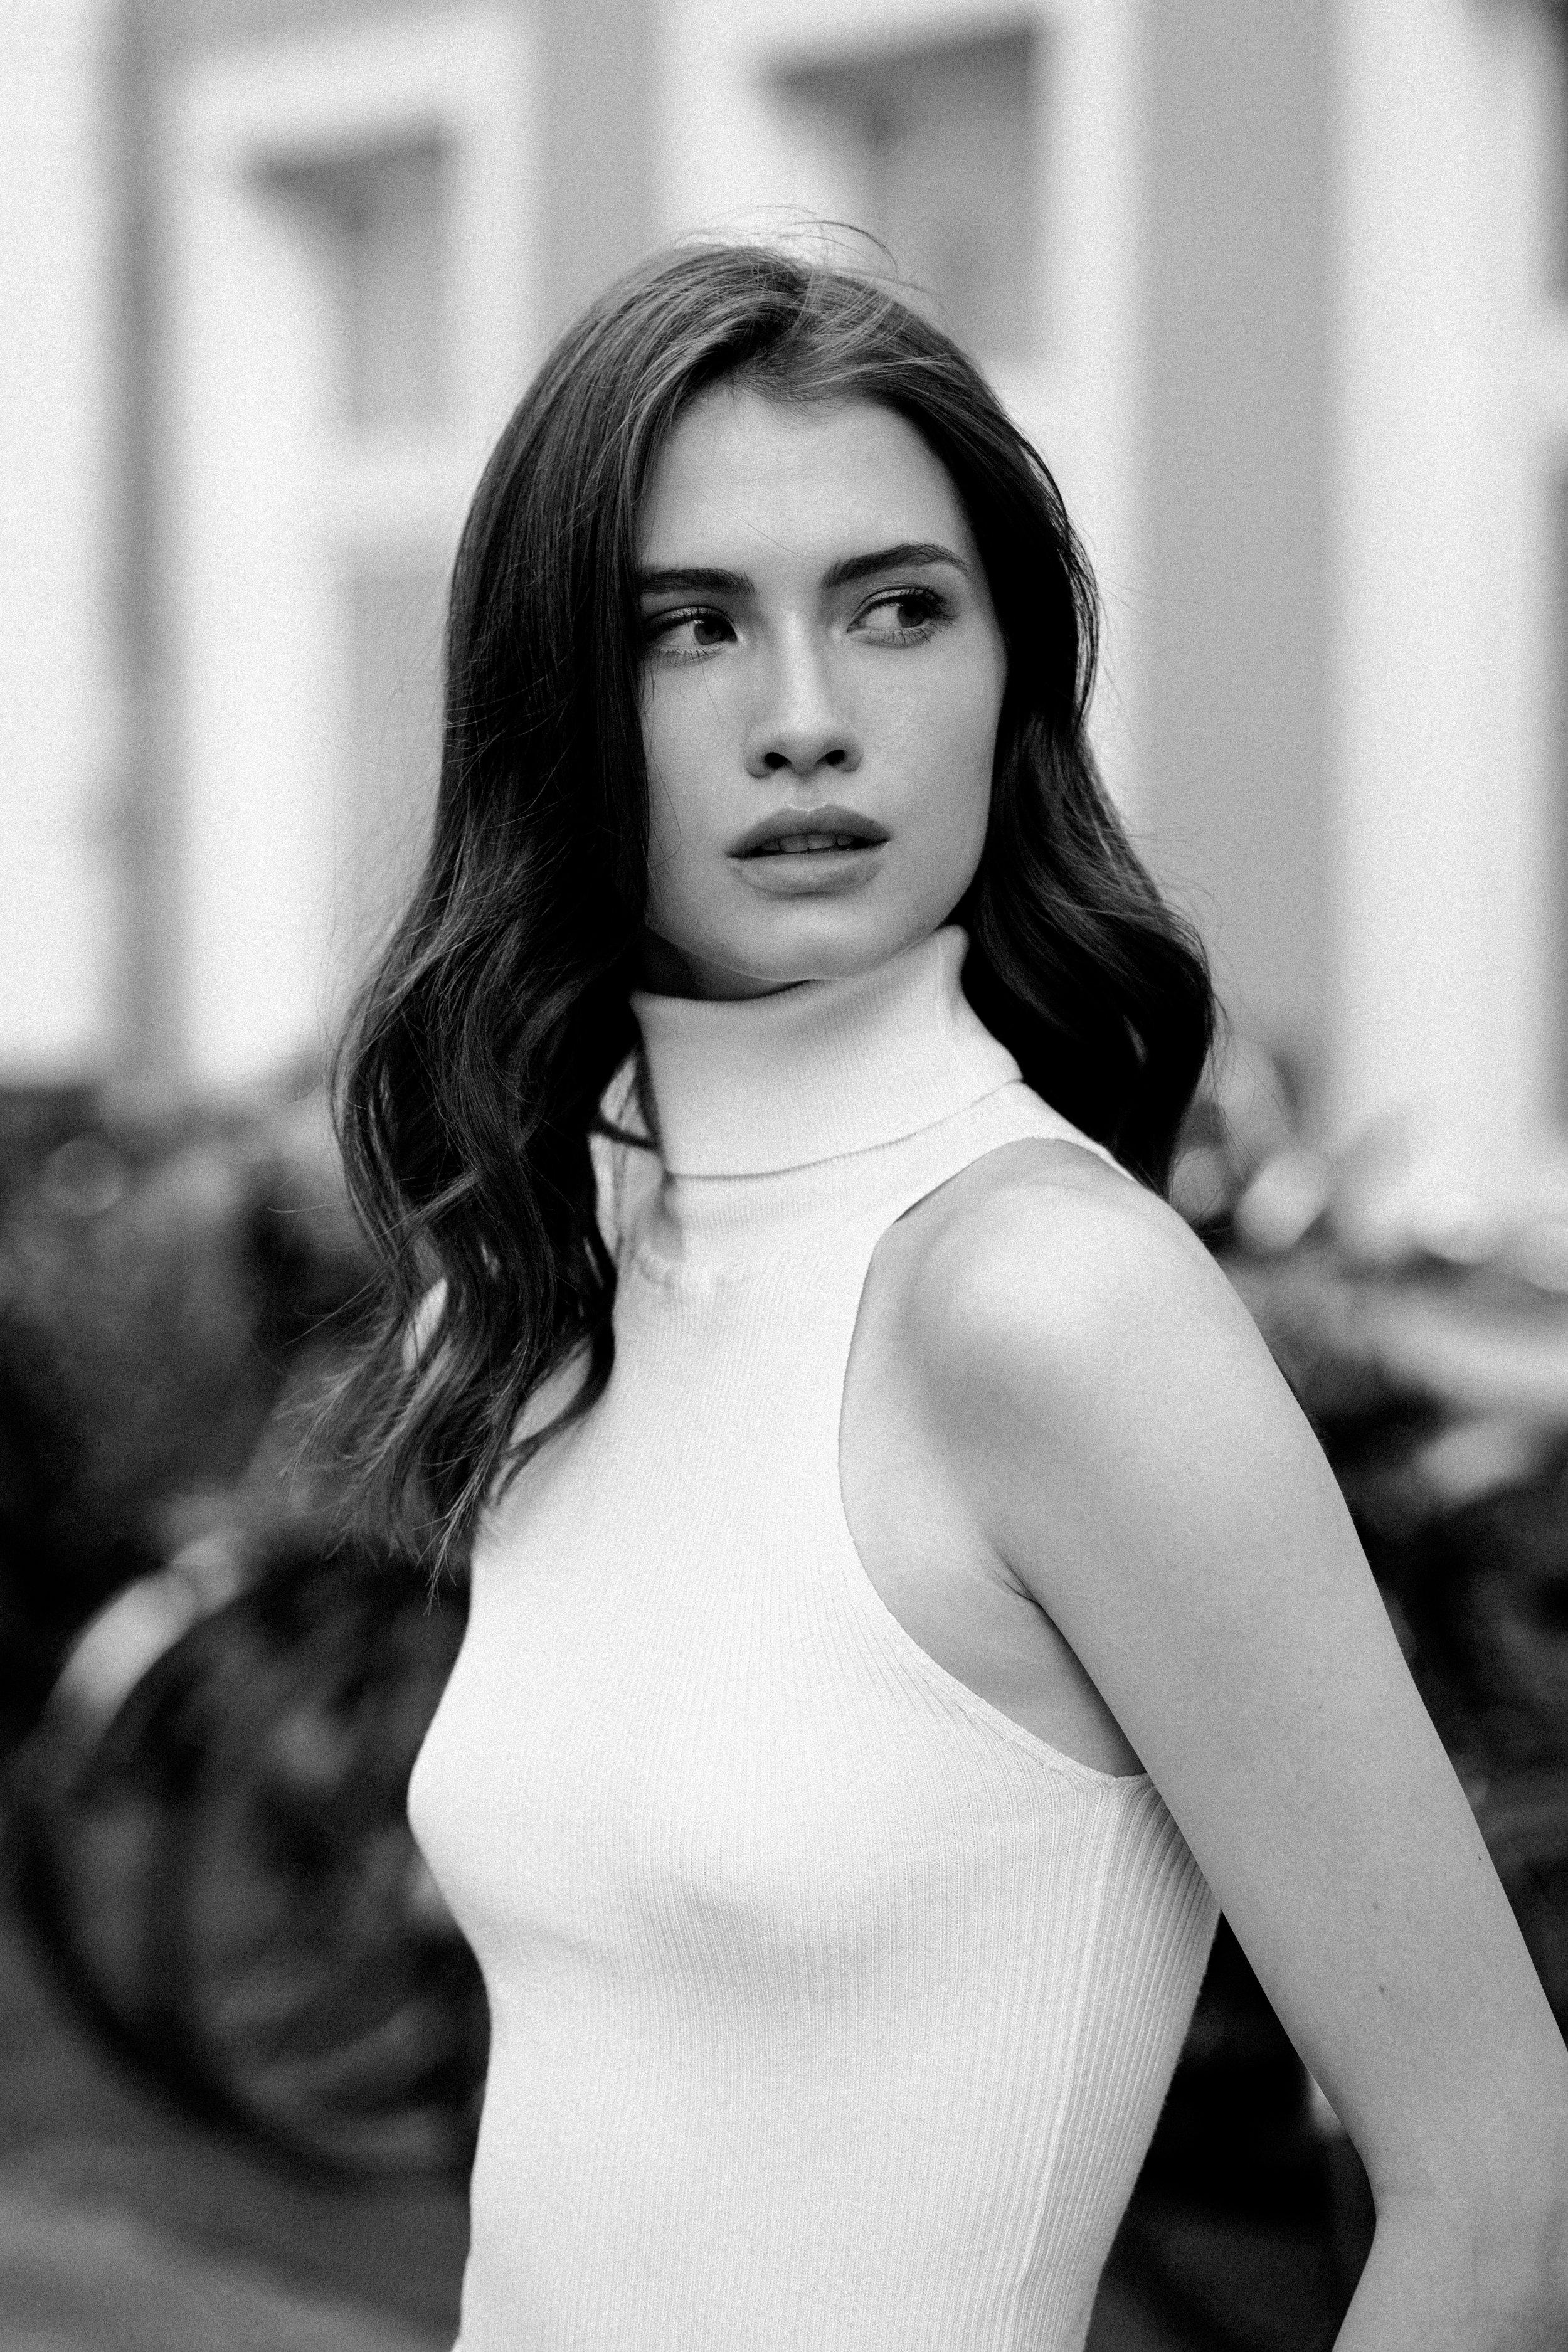 Under the amazing supervision of  @agataserge   Model:  @alicja.zebrowska  from  @uncovermodelswarsaw  MUA:  @koletagabrysiak  Stylist: @bognastepa.stylist